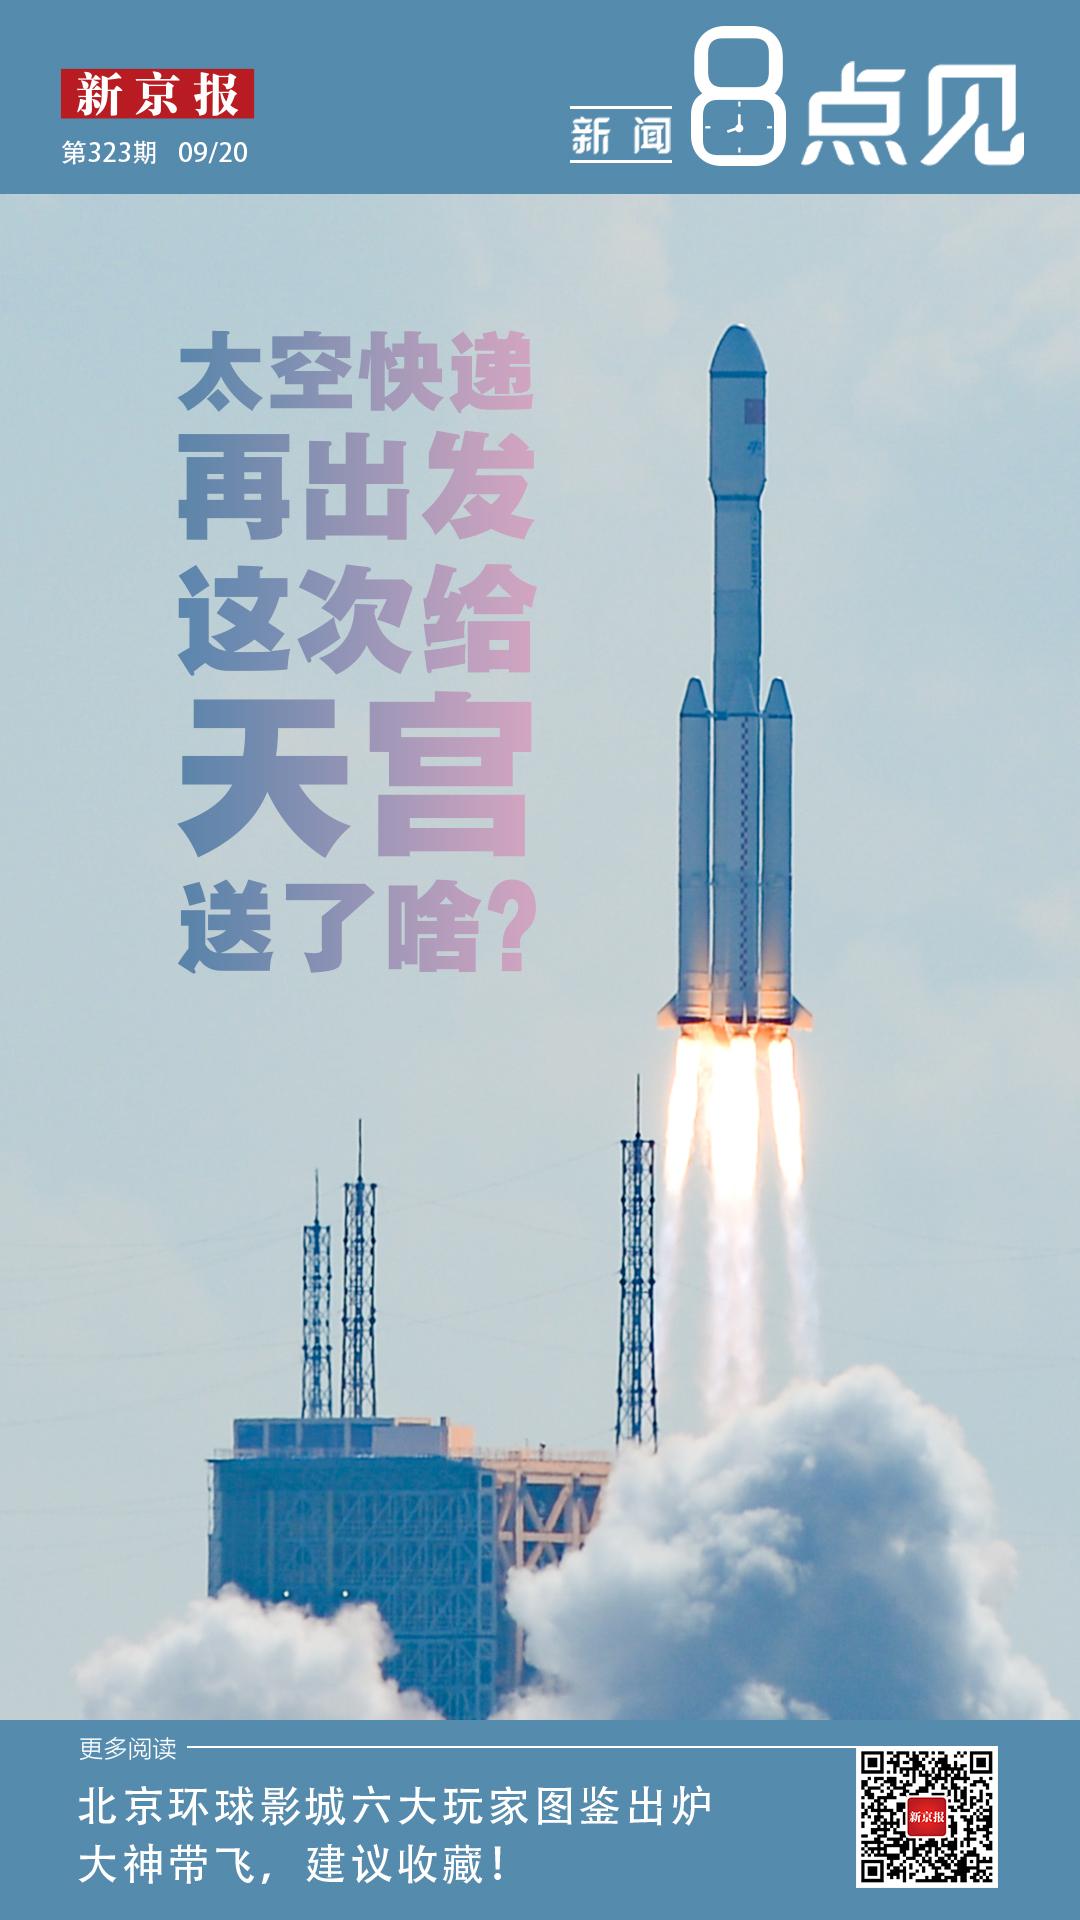 """新闻8点见丨中秋前夕,""""太空快递""""再出发!"""